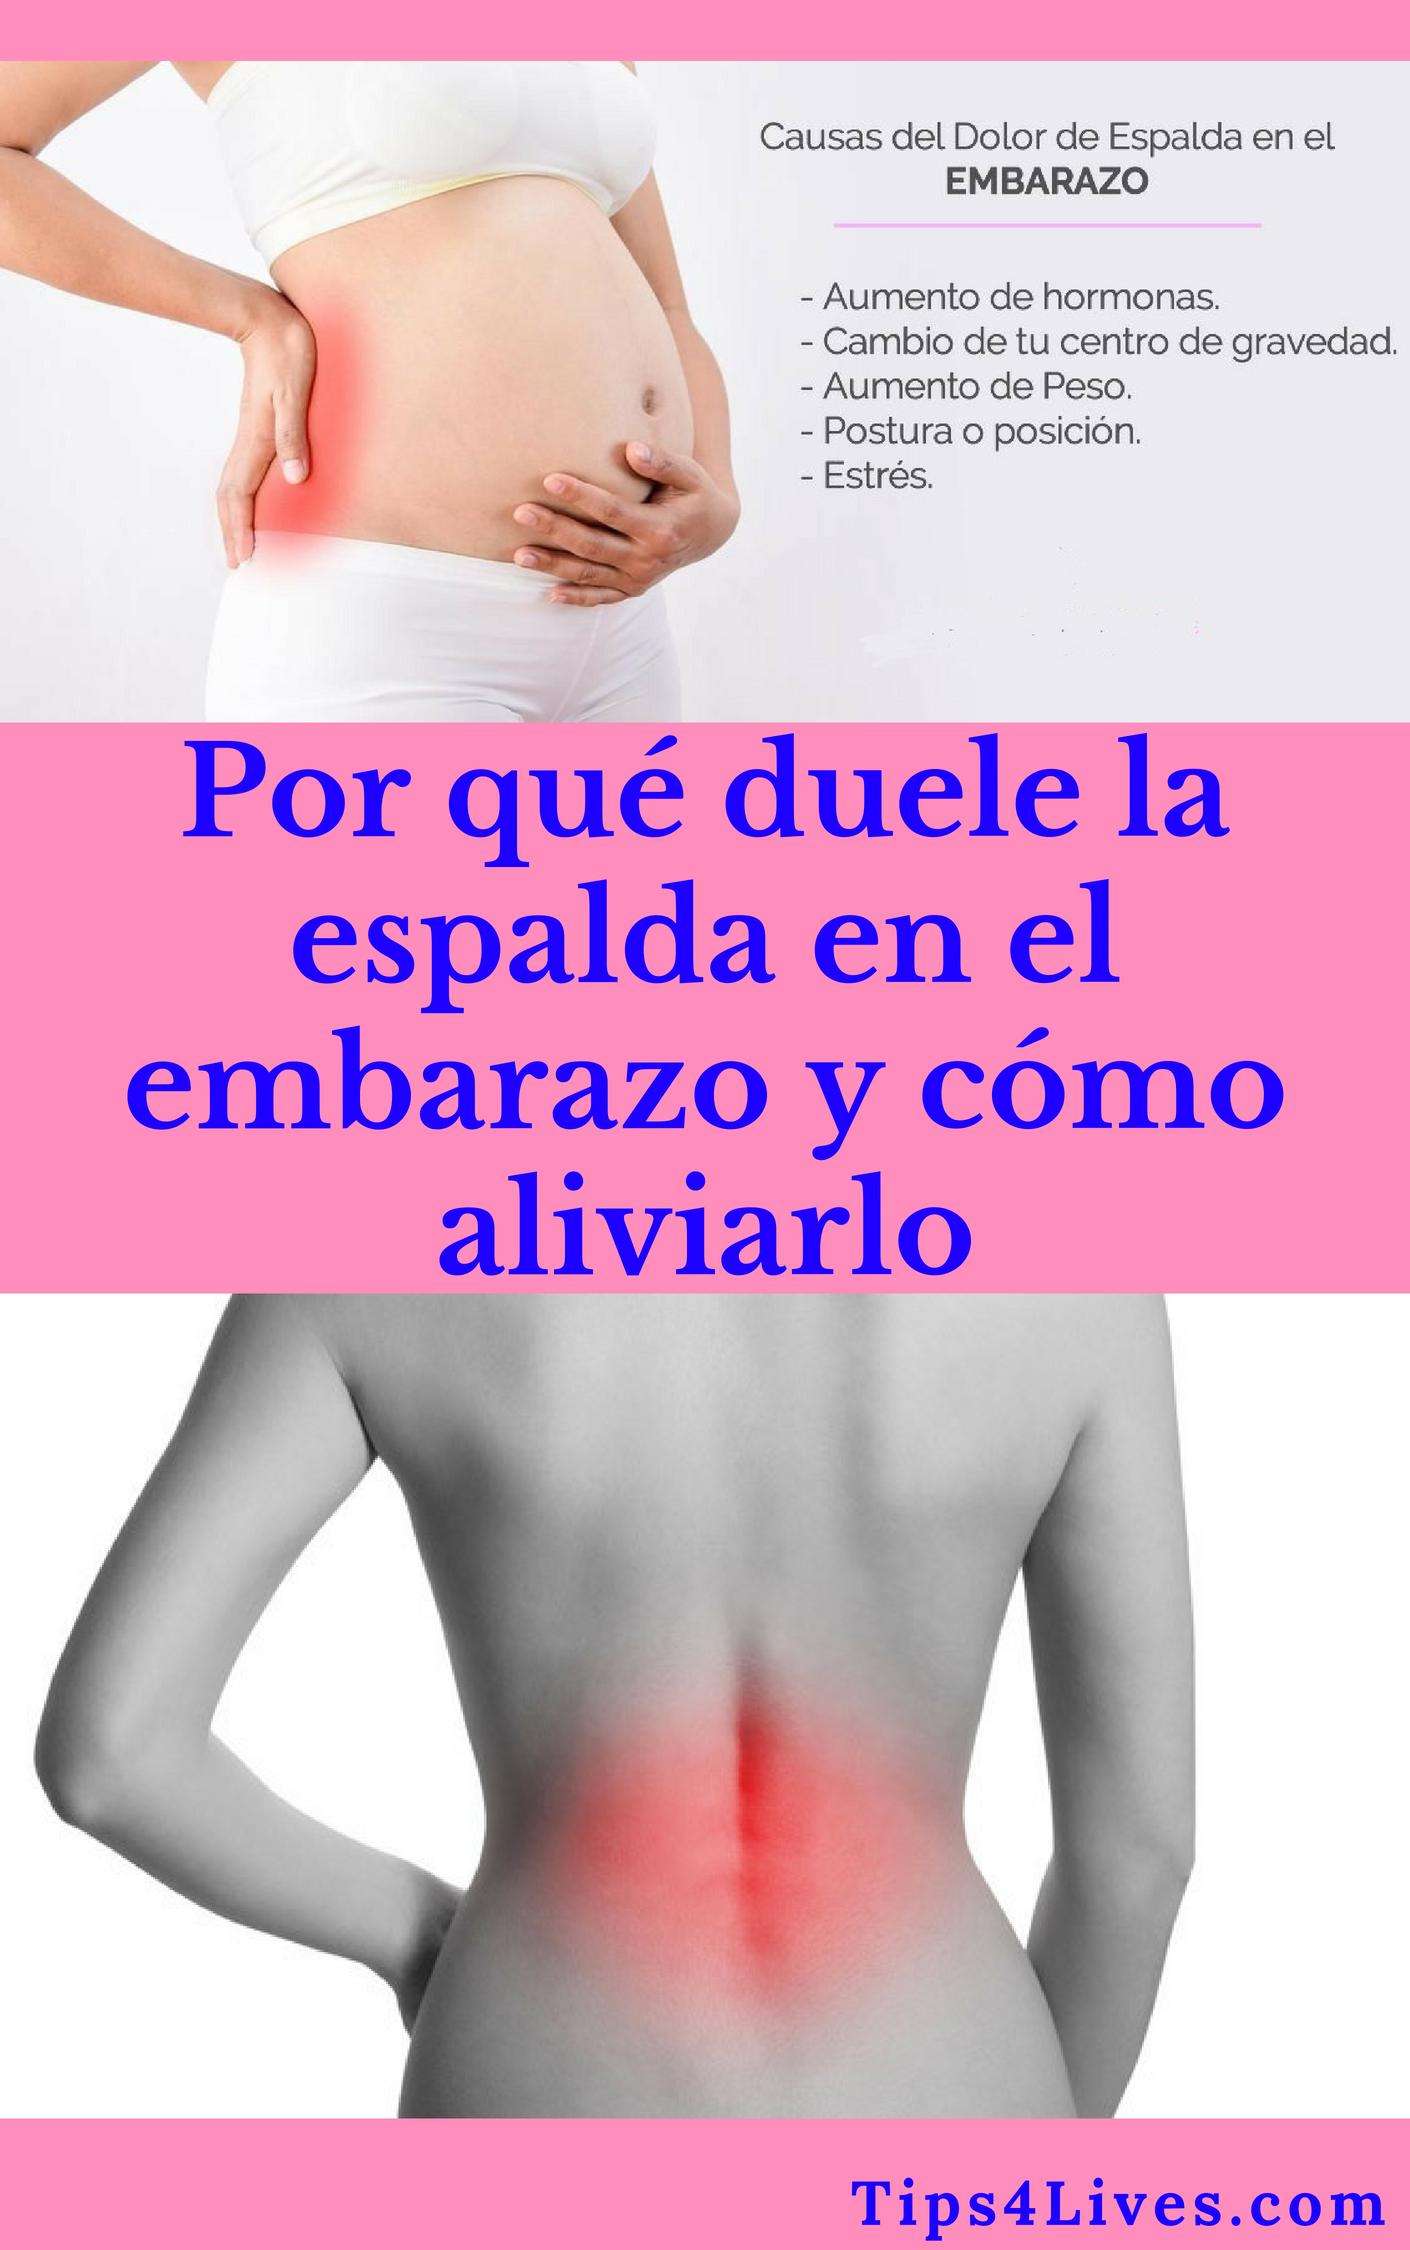 dolor de espalda y senos en el embarazo